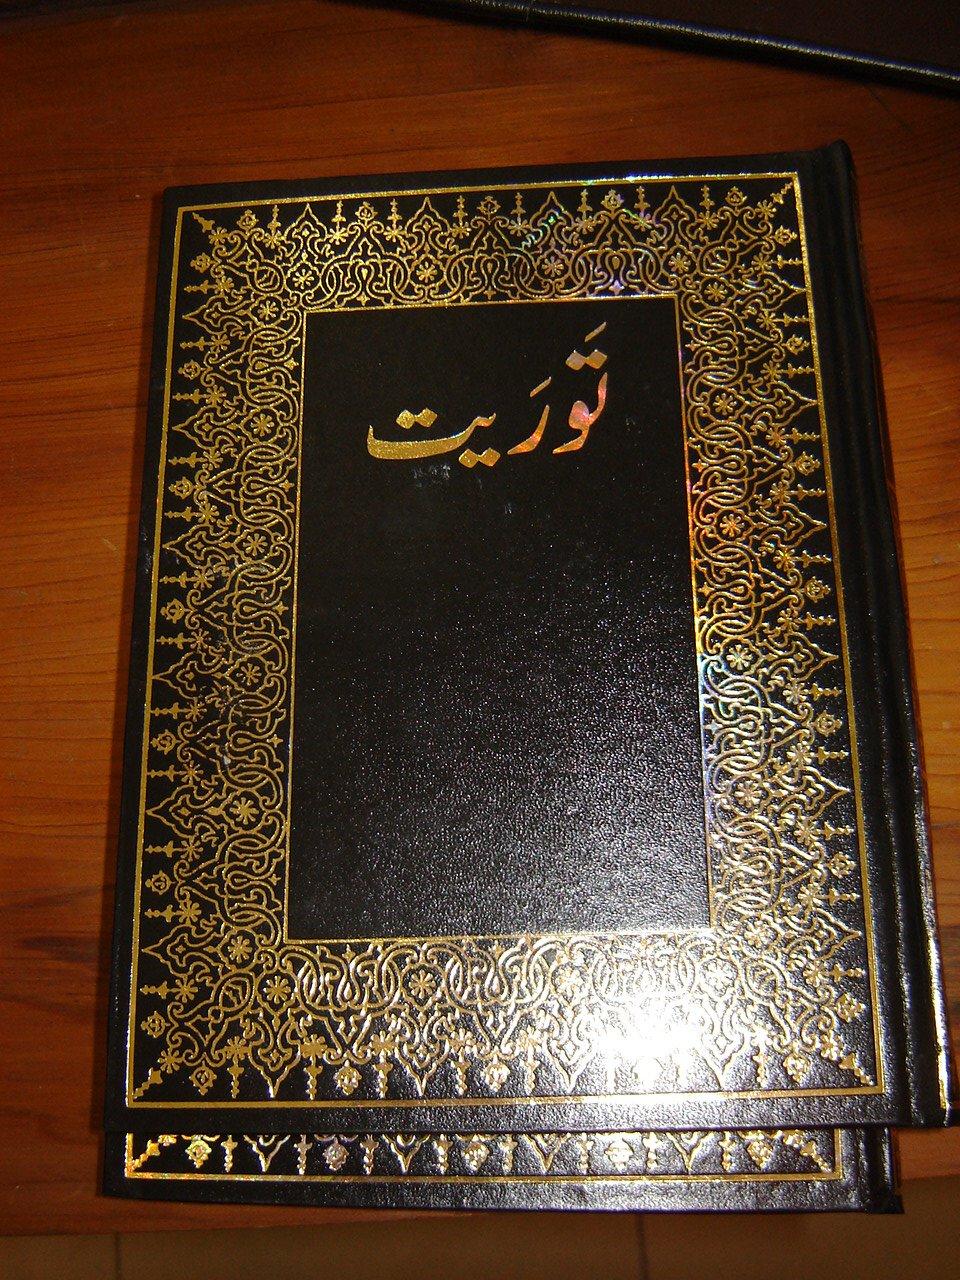 Pentateuch In Urdu Language Torah Bible Society 9789692507332 Amazon Books